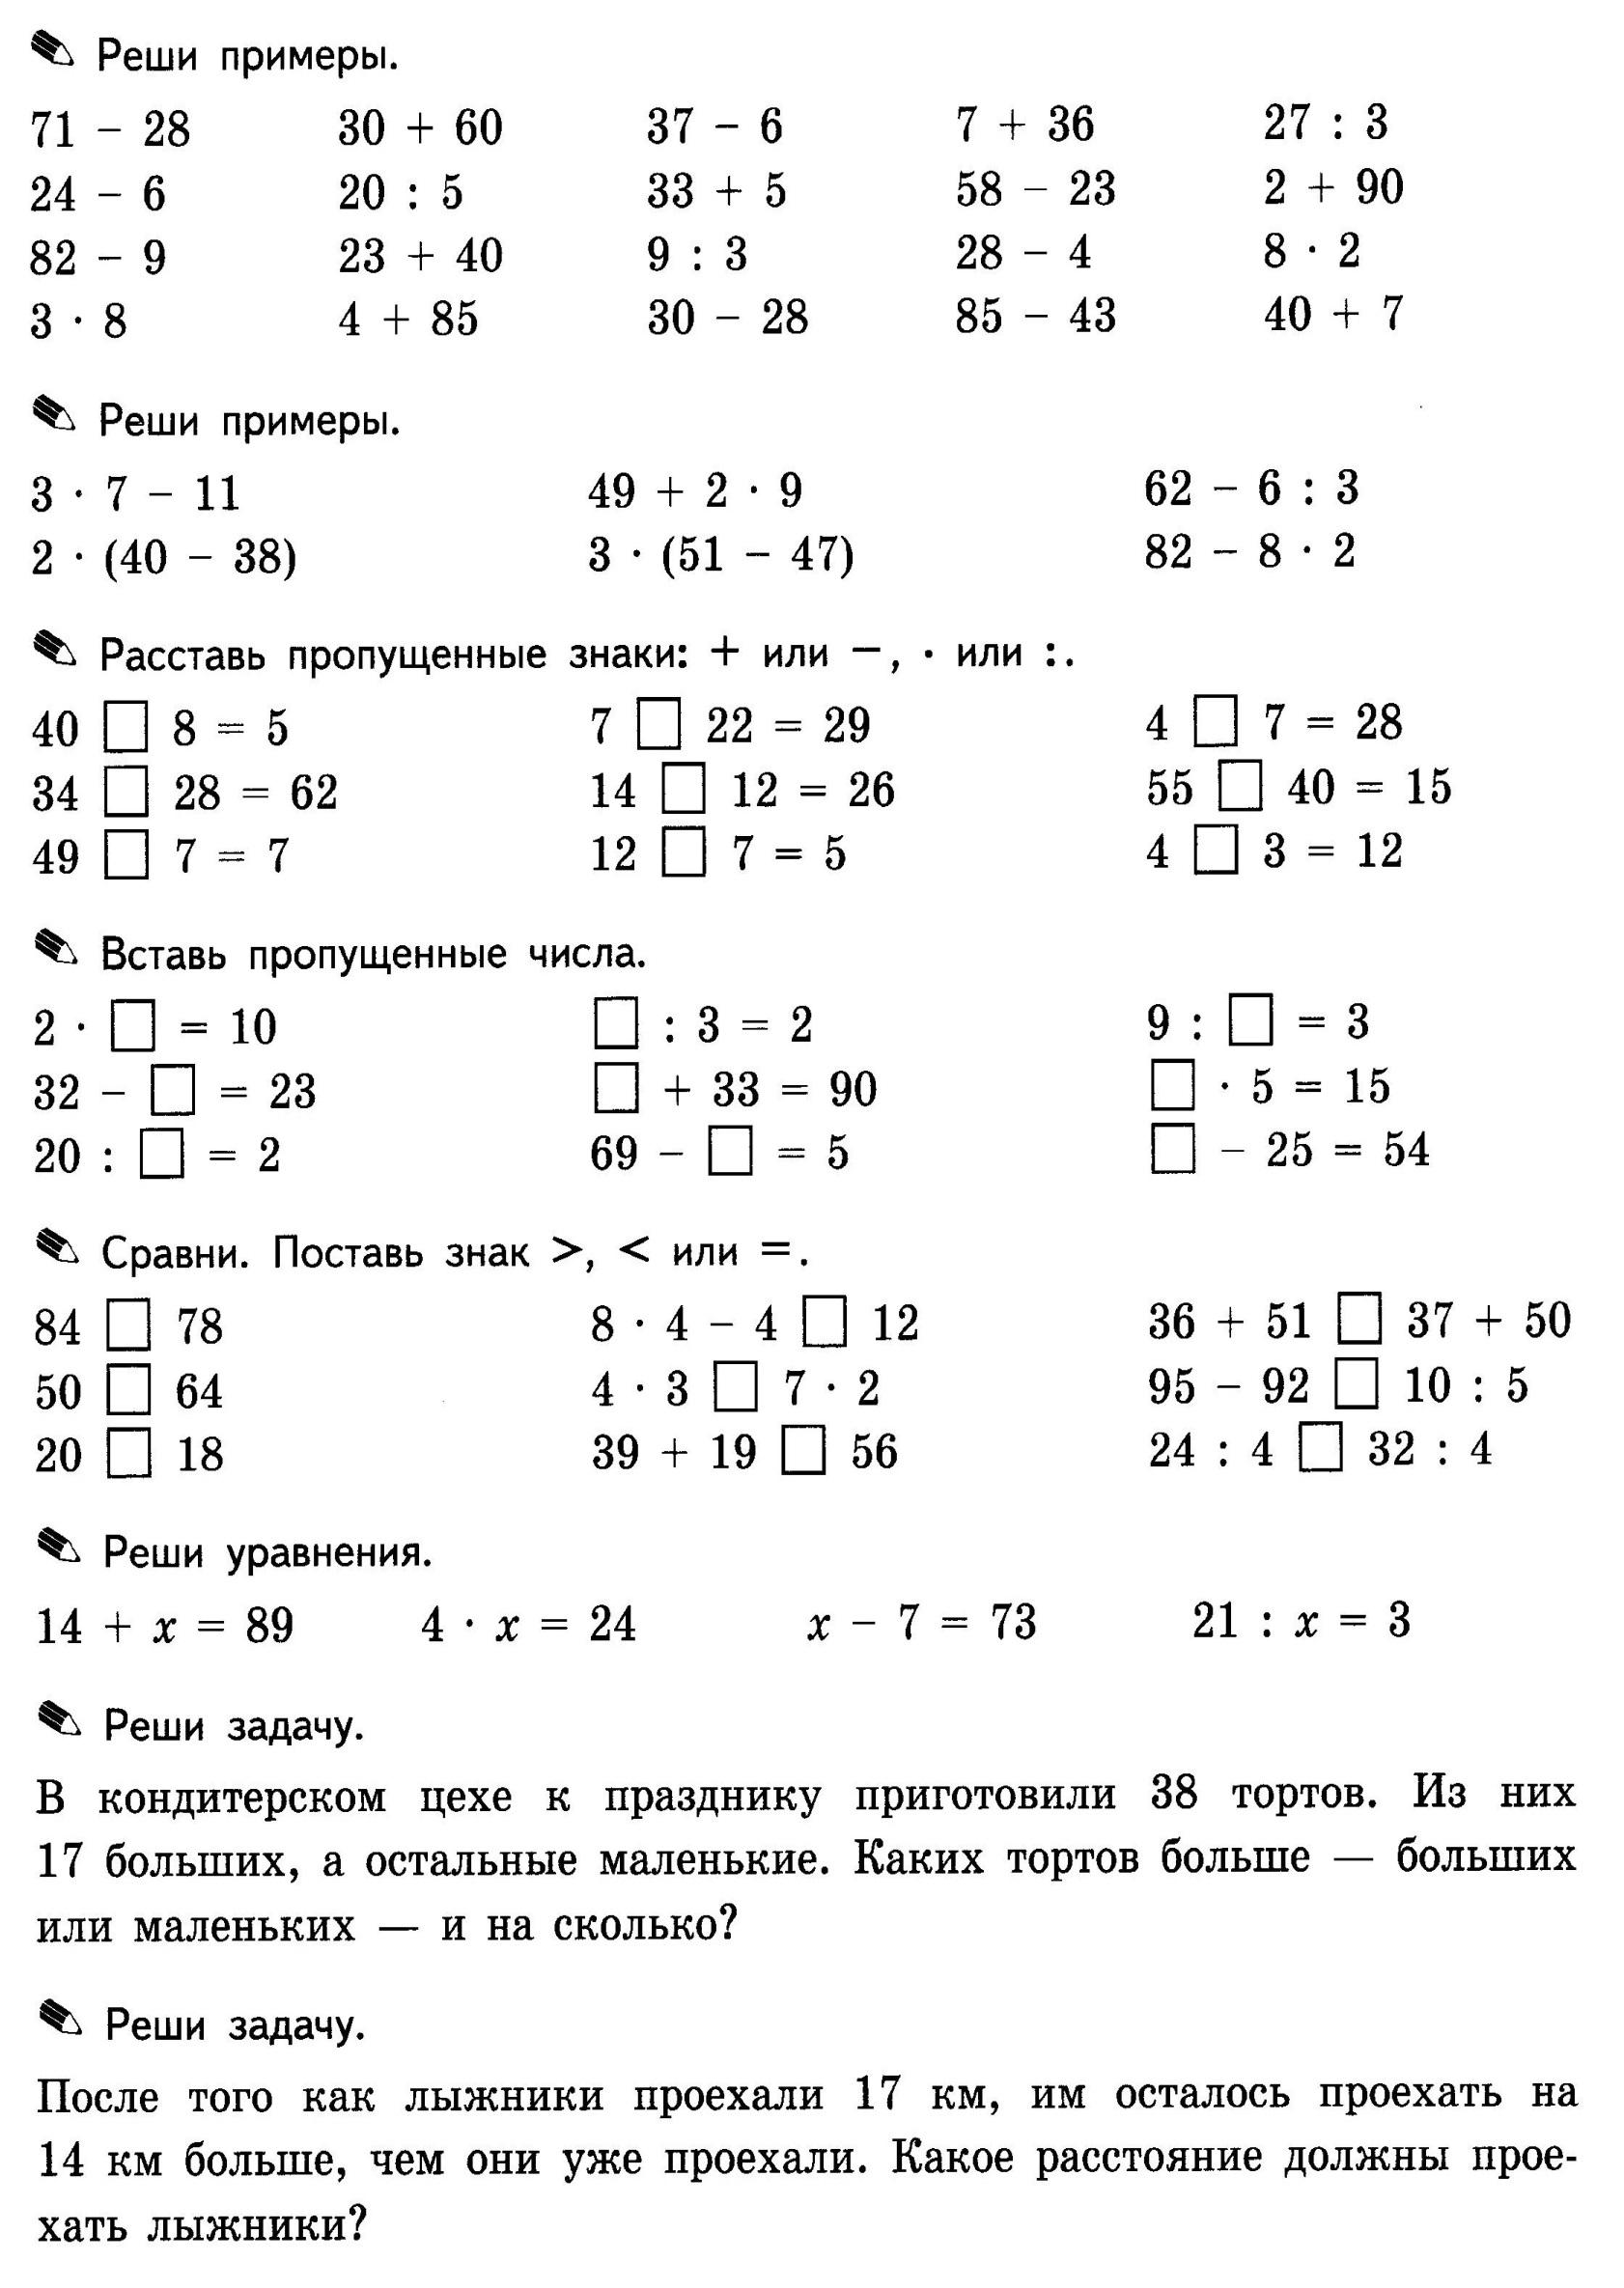 view русский язык методическое пособие к комплекту русский язык